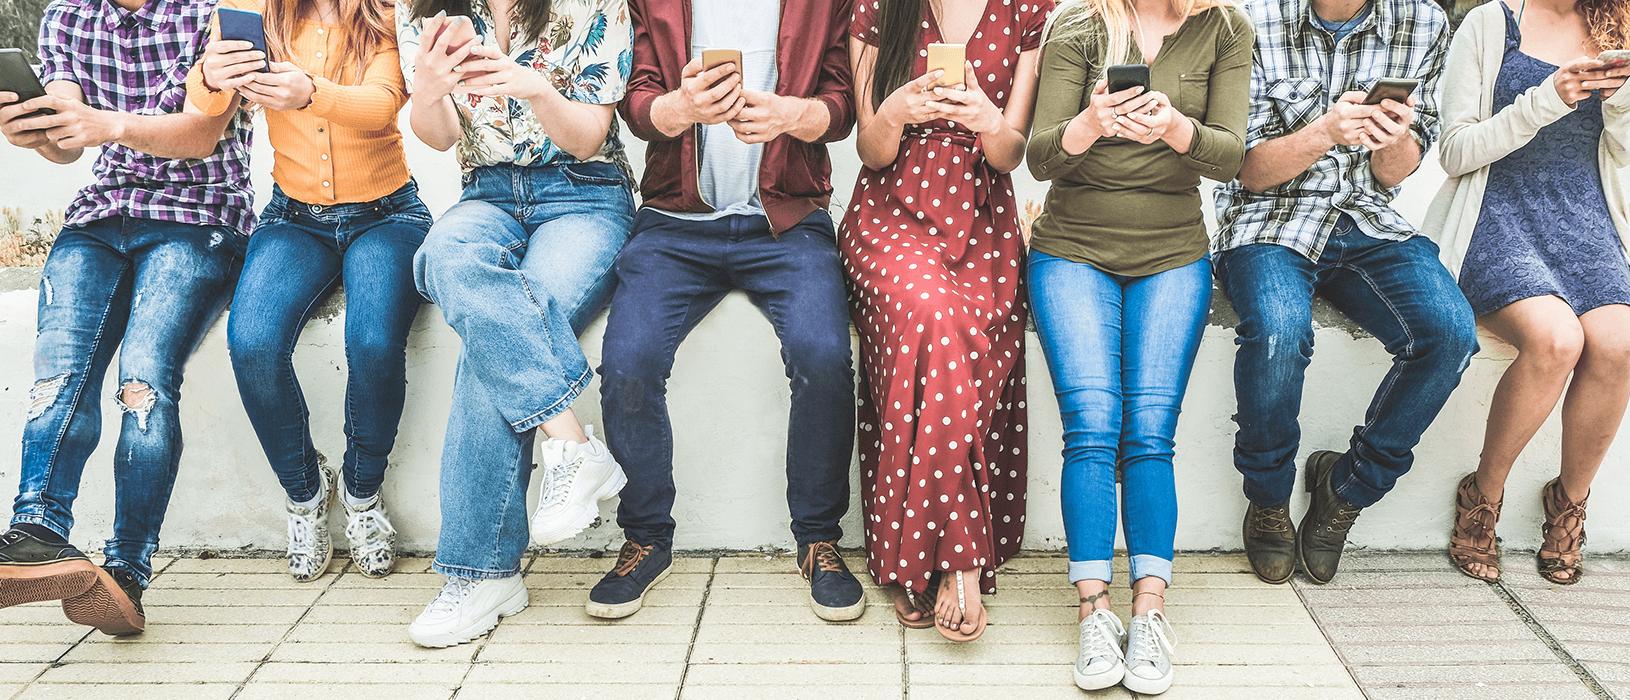 Ist die Social-Video-App TikTok ein hilfreicher Trend oder doch eher überflüssig für Unternehmen? Quelle: iStock